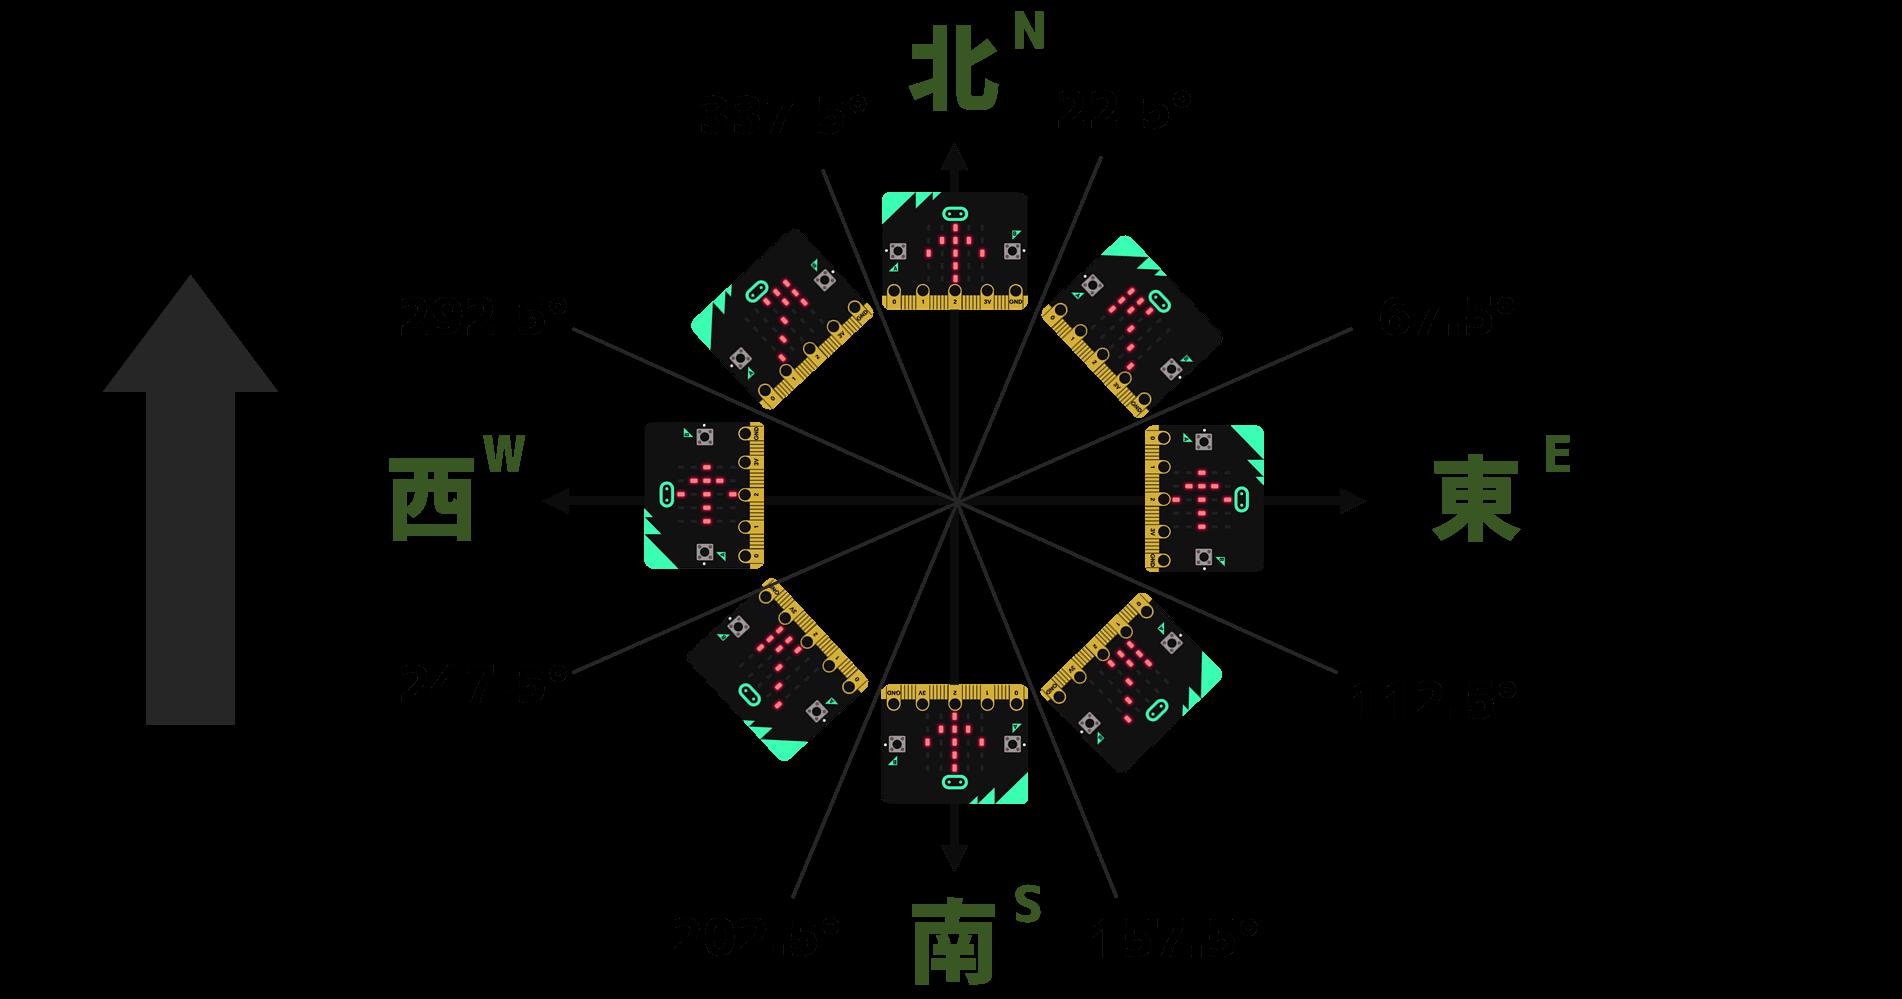 8方向矢印